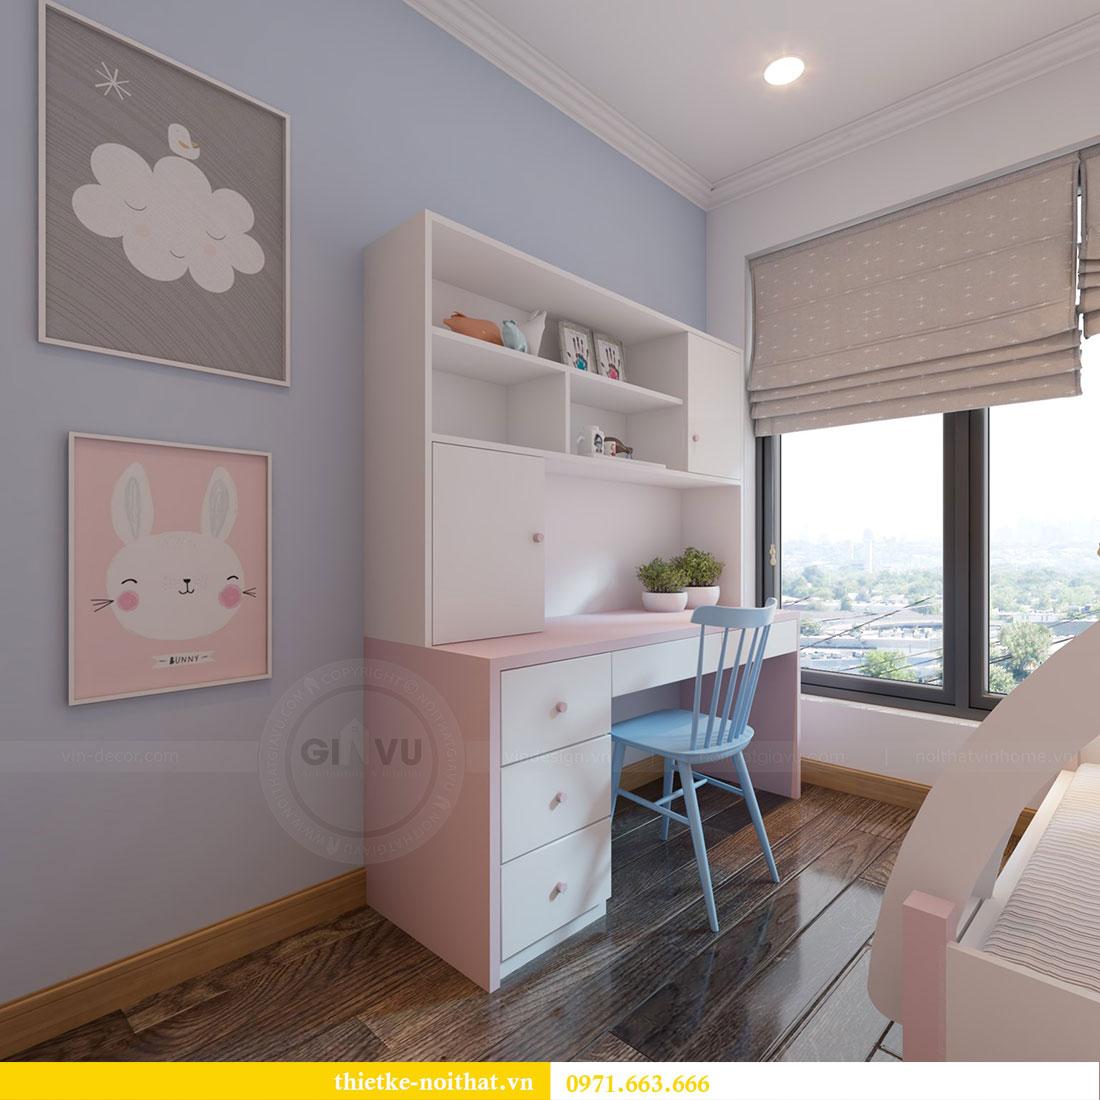 Thiết kế nội thất chung cư Gardenia căn 12A tòa A1 - Anh Hùng 10